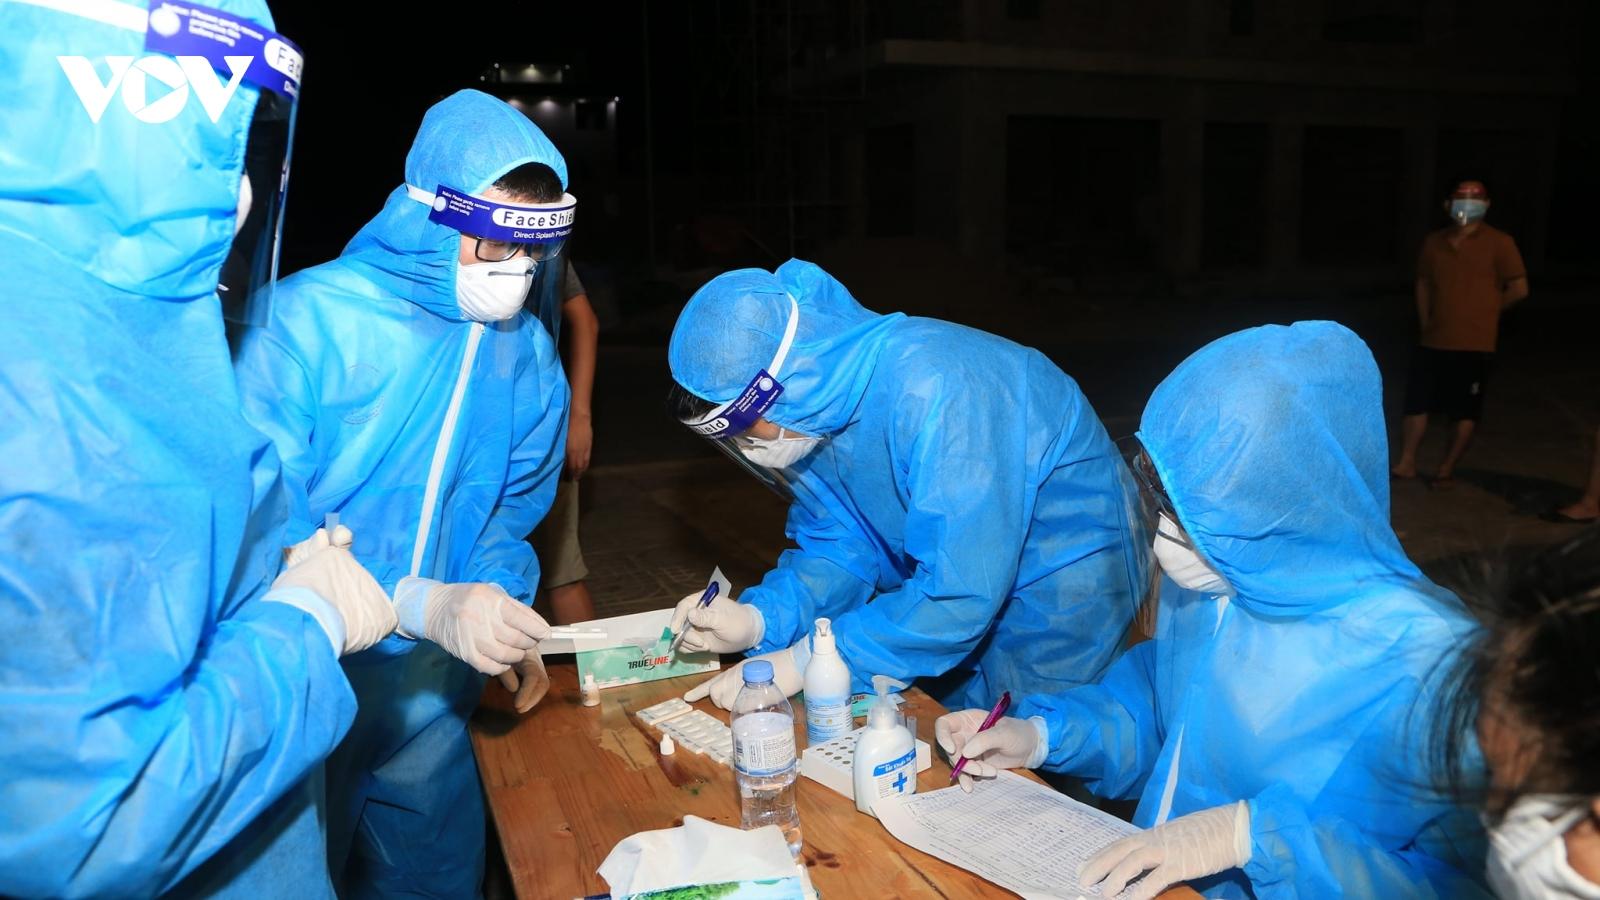 Người phụ nữ dương tính với SARS-CoV-2 khi đi xét nghiệm cộng đồng